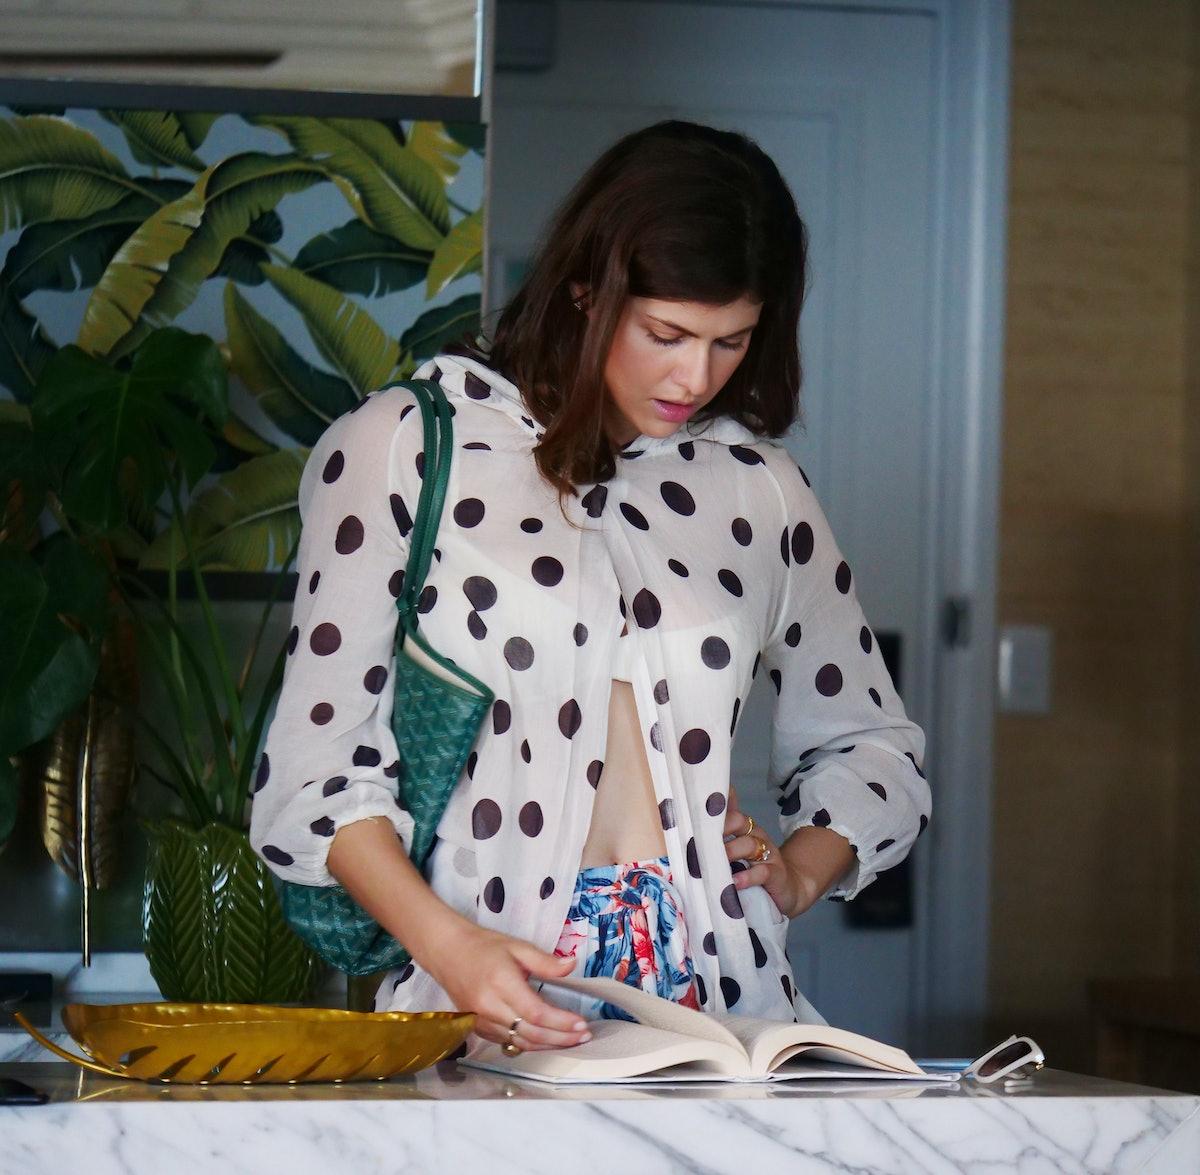 Alexandra Daddrio looking at a book